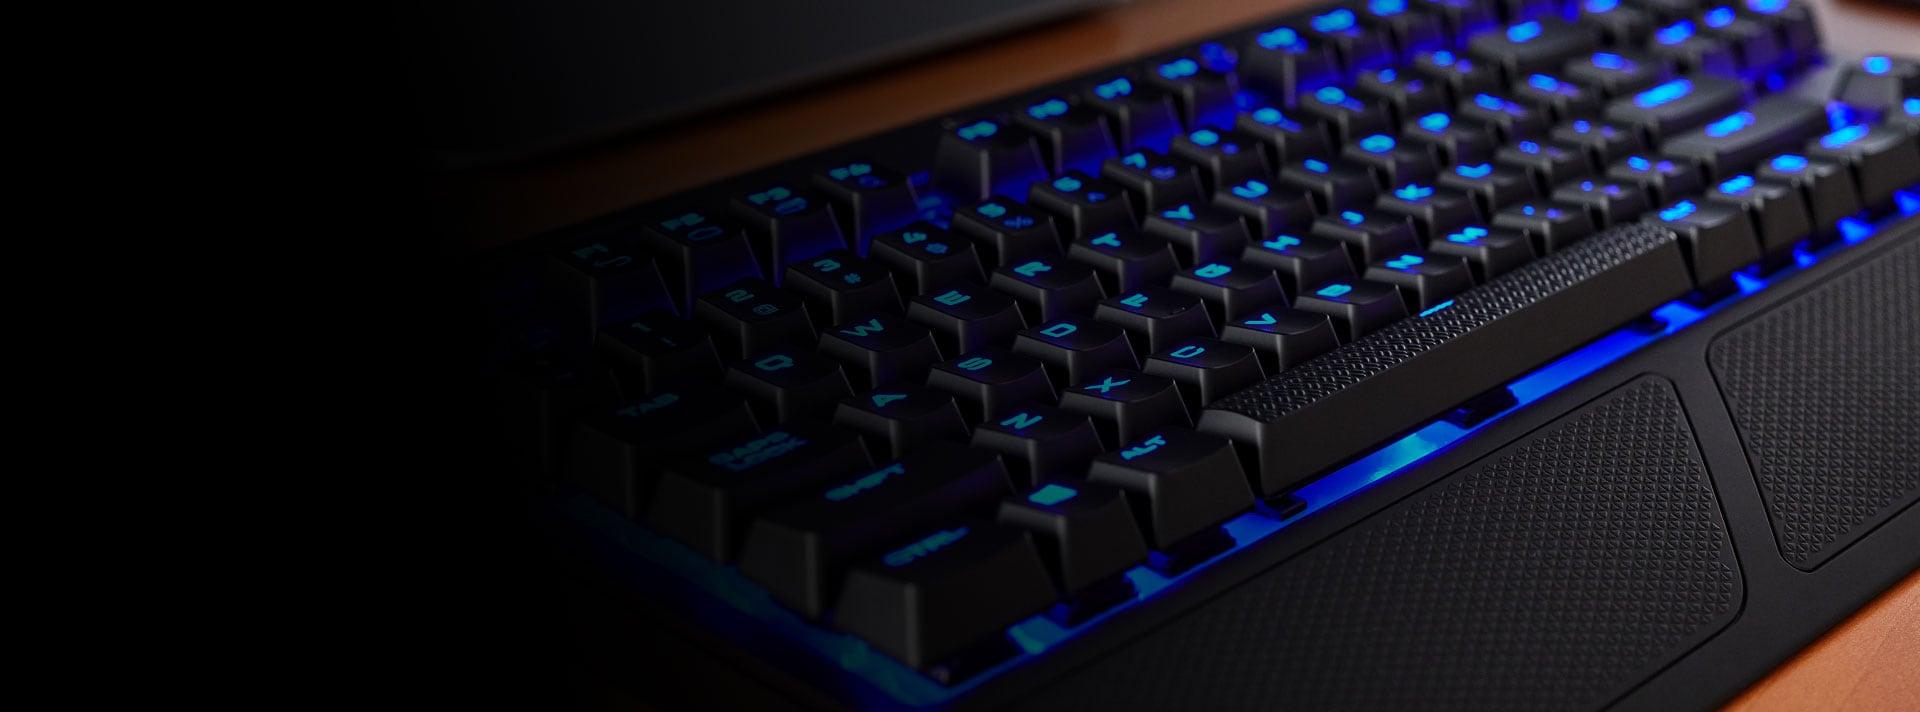 Bàn phím cơ Corsair K63 Wireless - Cherry MX Red (USB/Blue Led) (CH-9145030-NA) tích hợp đèn led 1 màu nhiều hiệu ứng